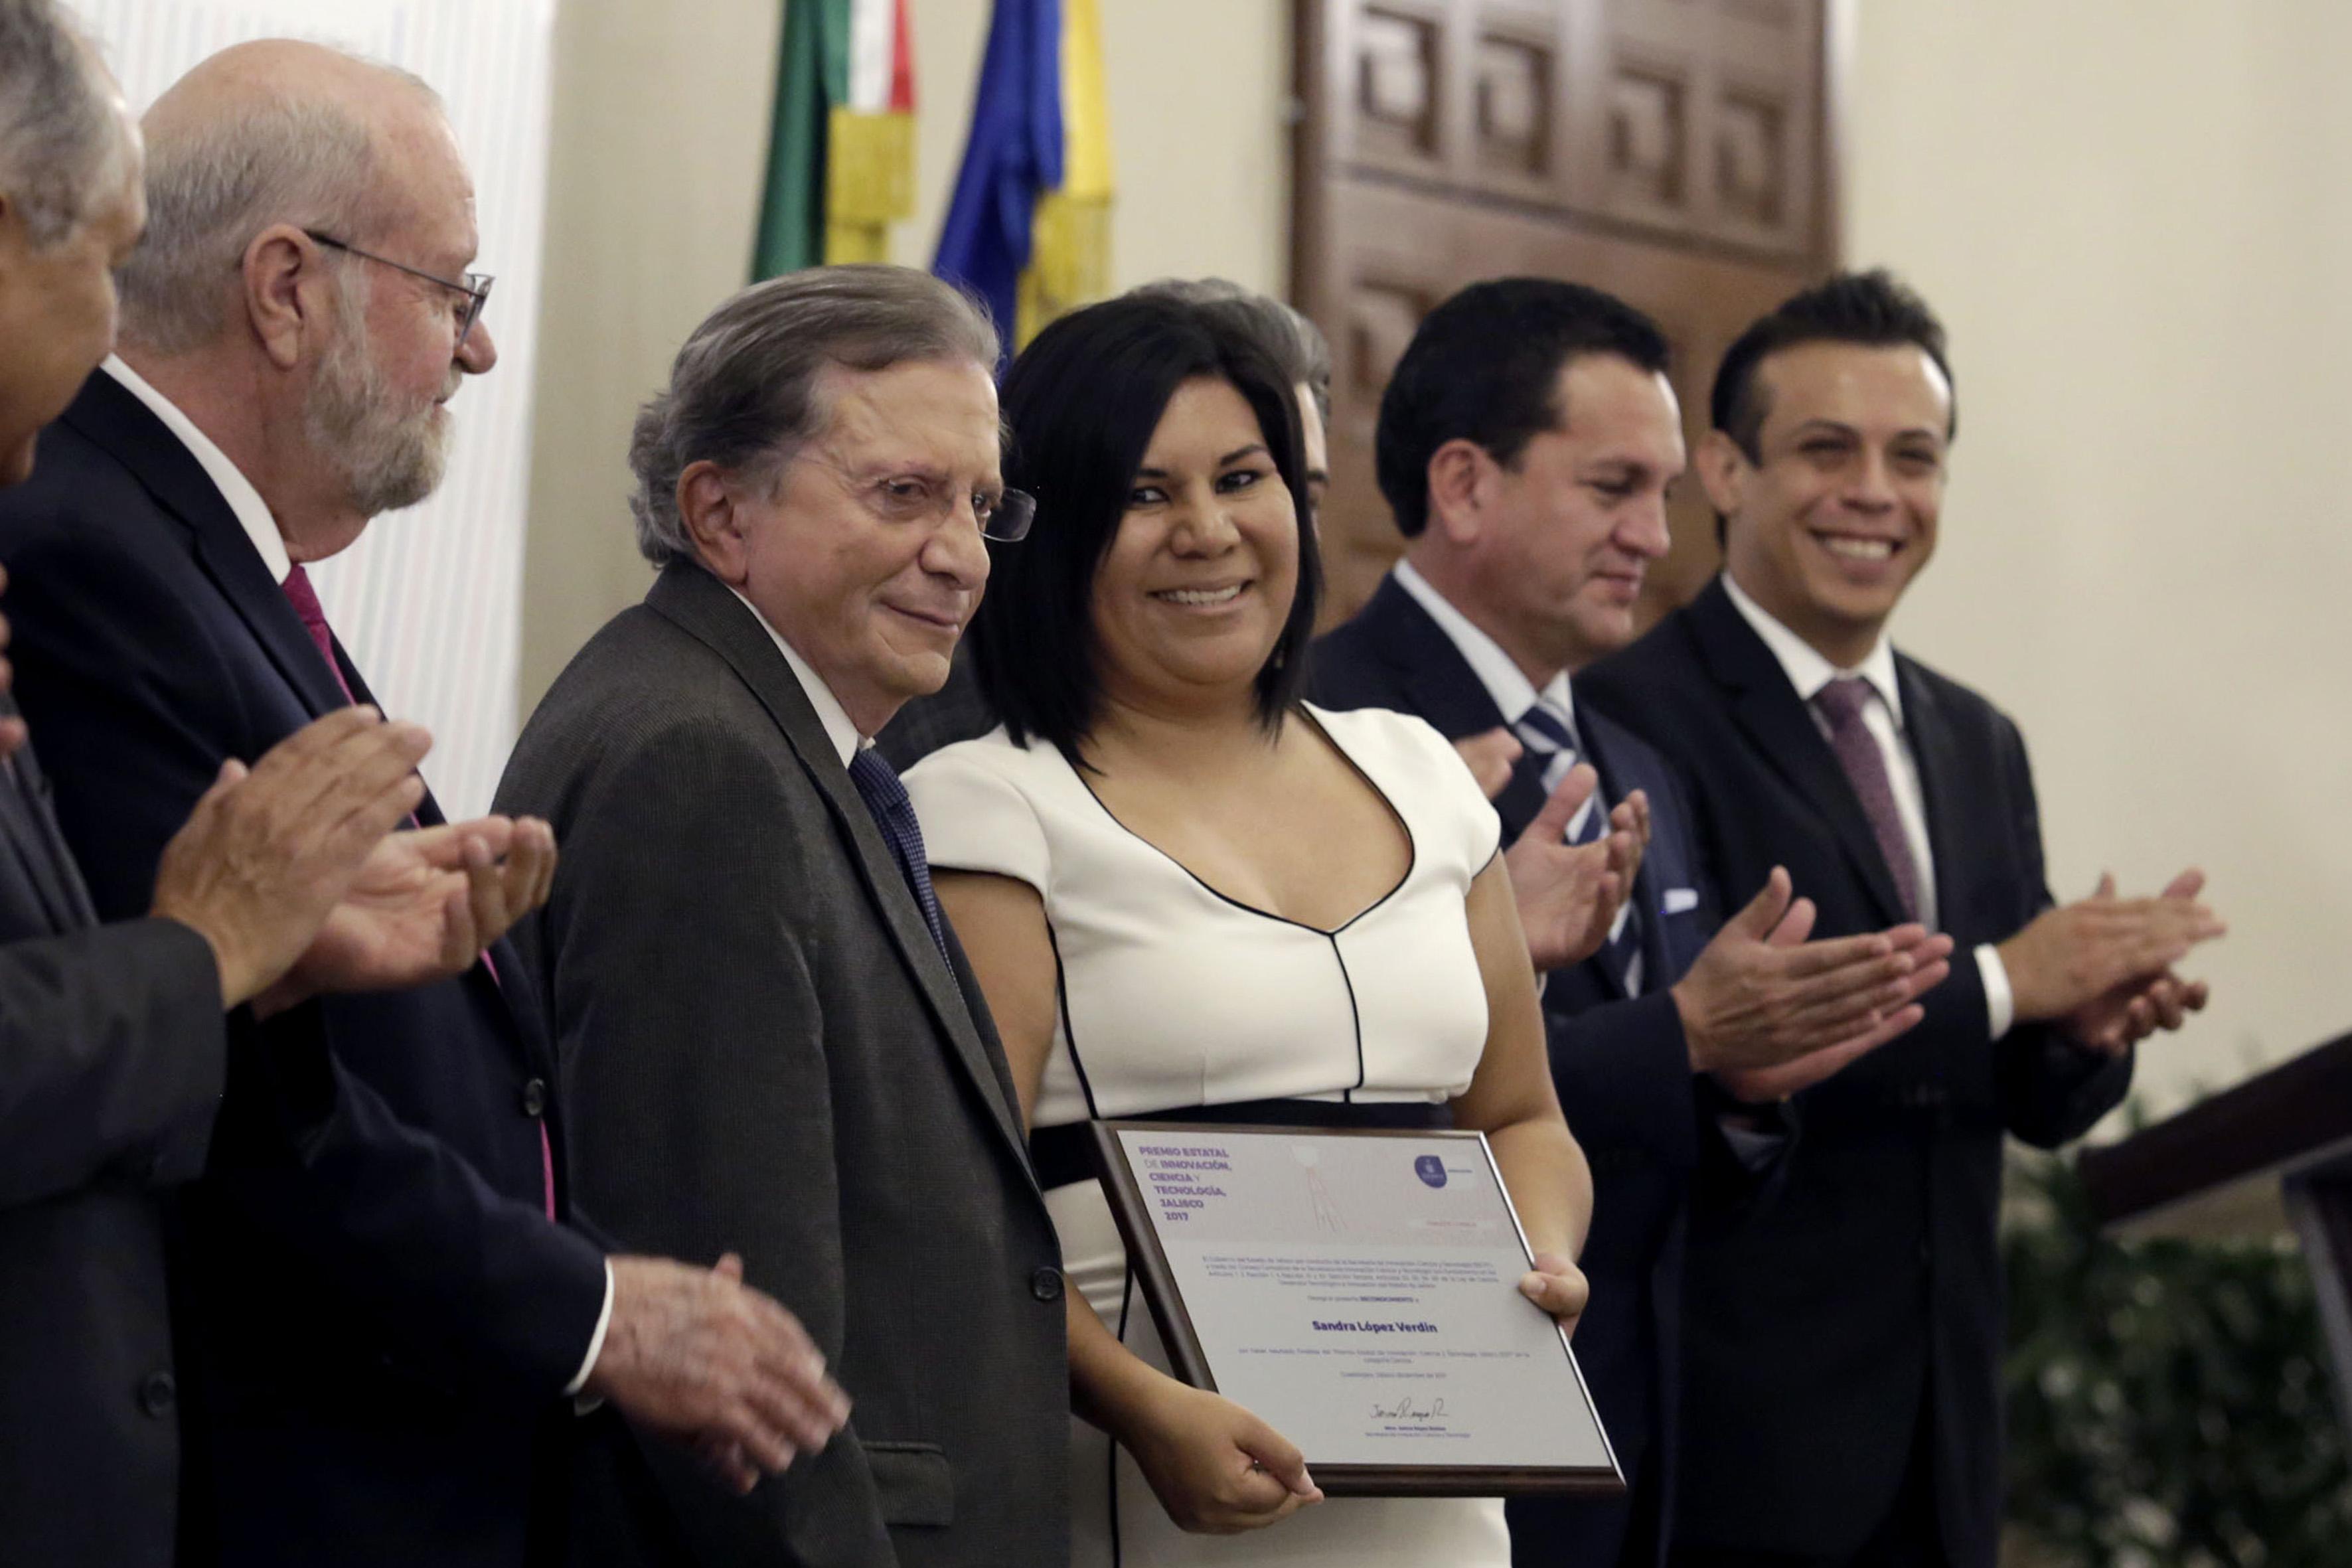 Dra. Sandra López Verdín mostrando su reconocimiento con el secretario de Innovación, Ciencia y Tecnología